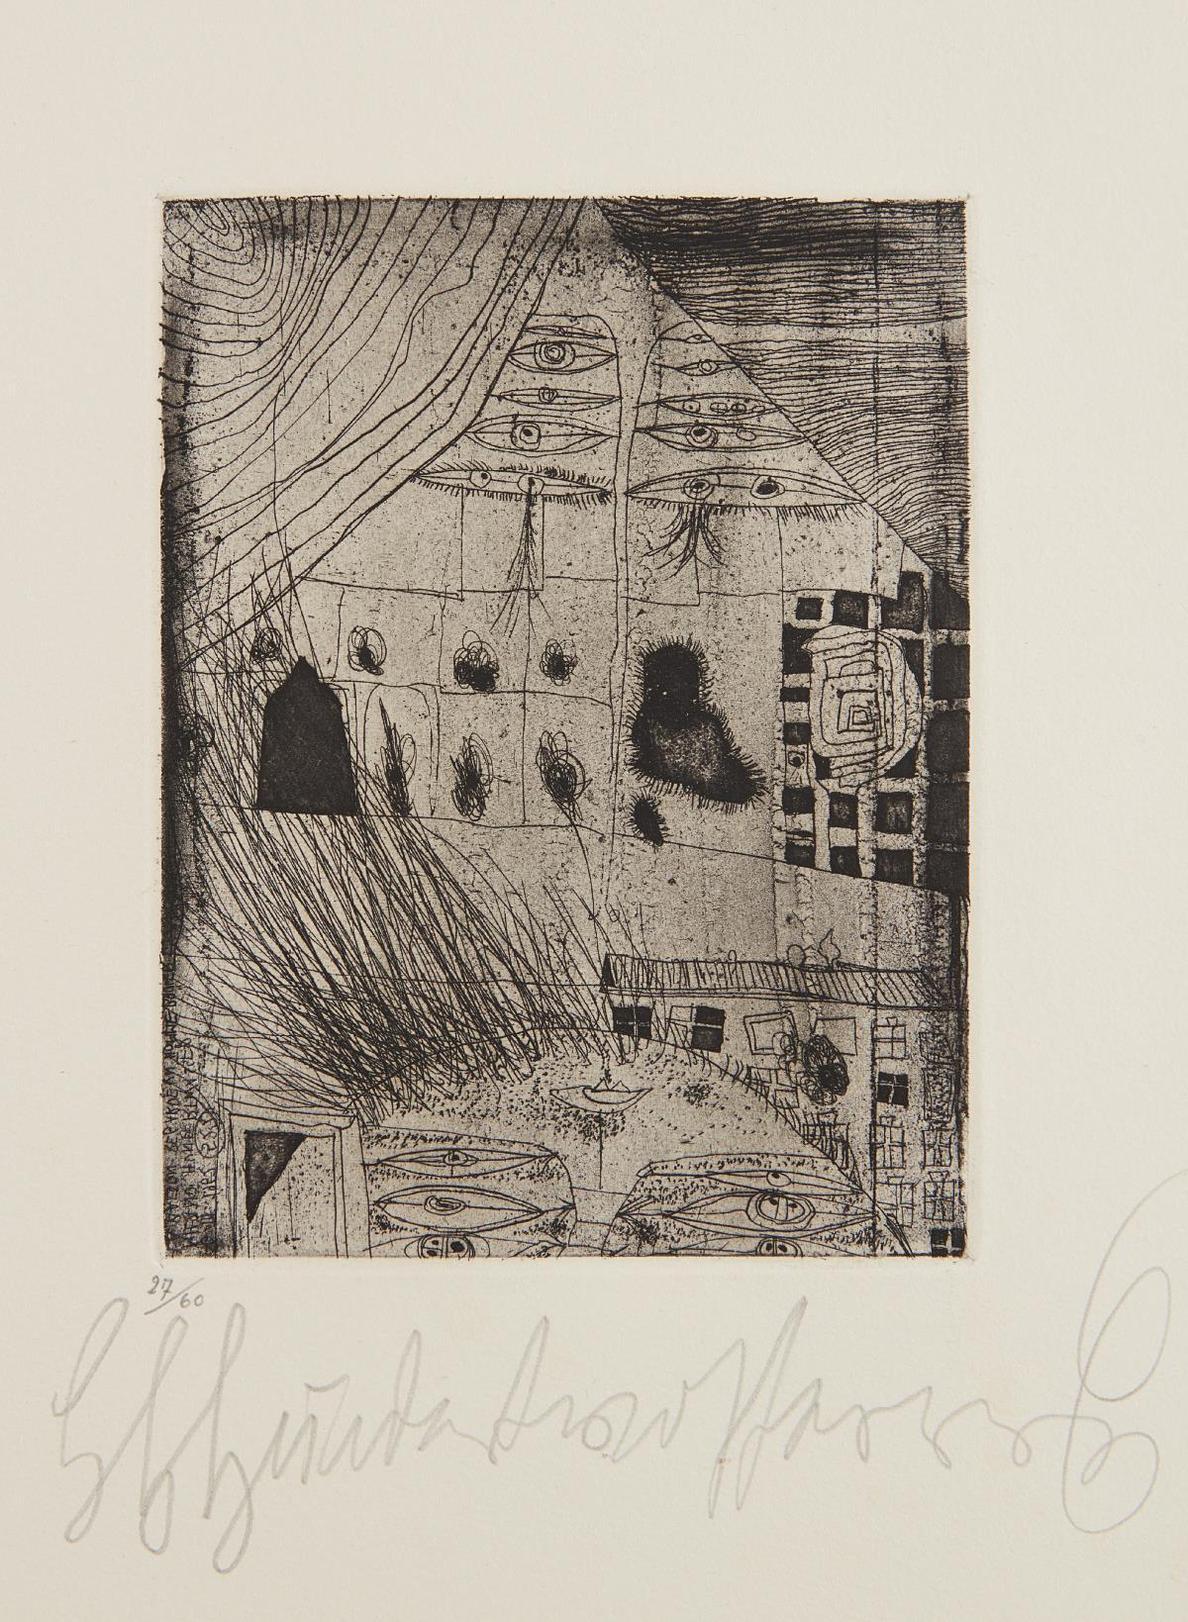 Friedensreich Hundertwasser-Das Haus Sieht Einen Menschen Brennen (The House Looks At A Burning Man)-1962